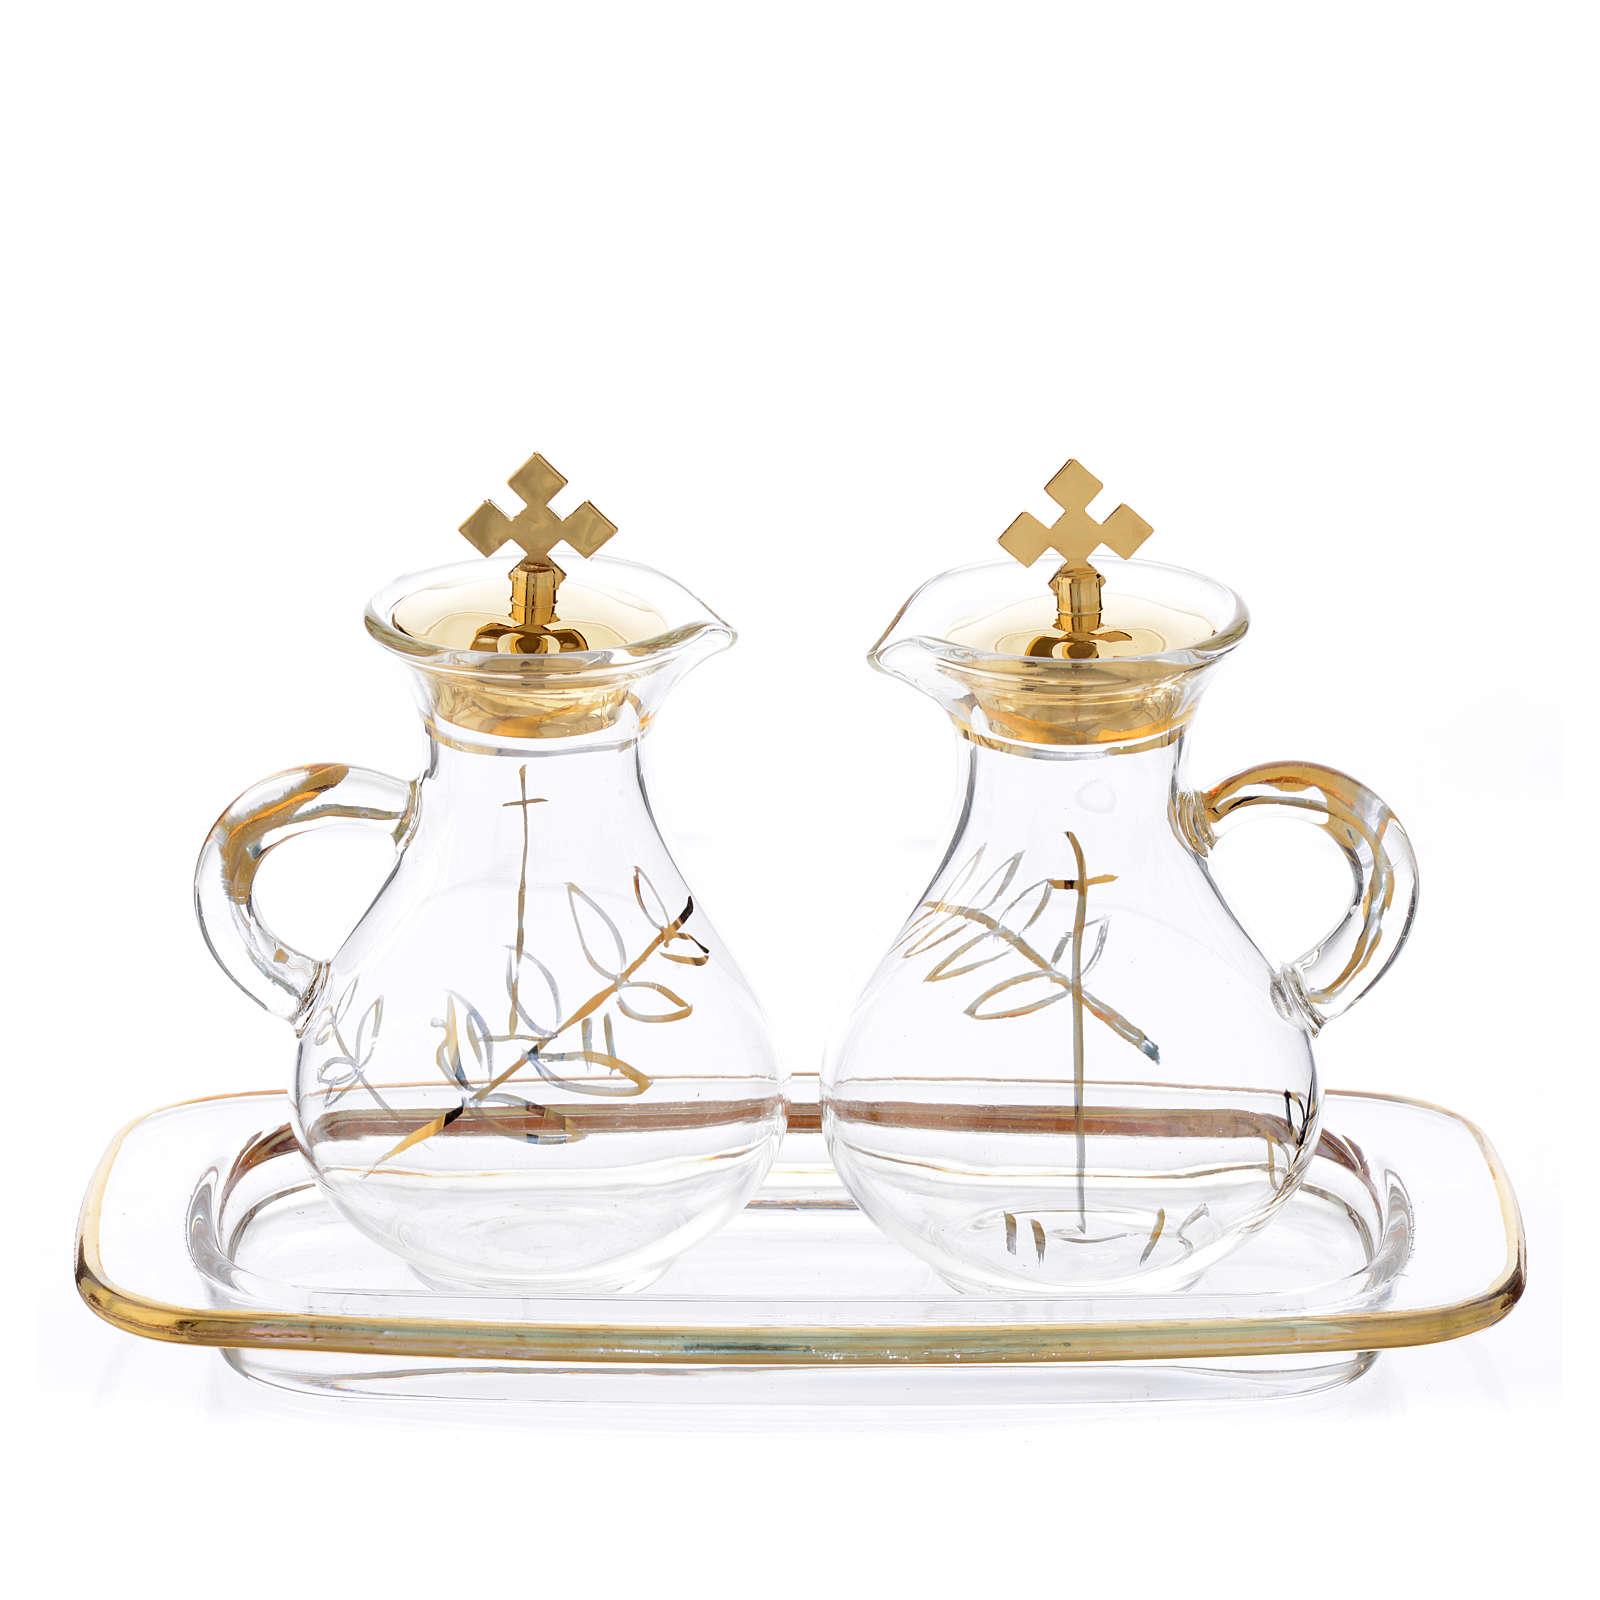 Vinajeras de vidrio con decoración de oro 4